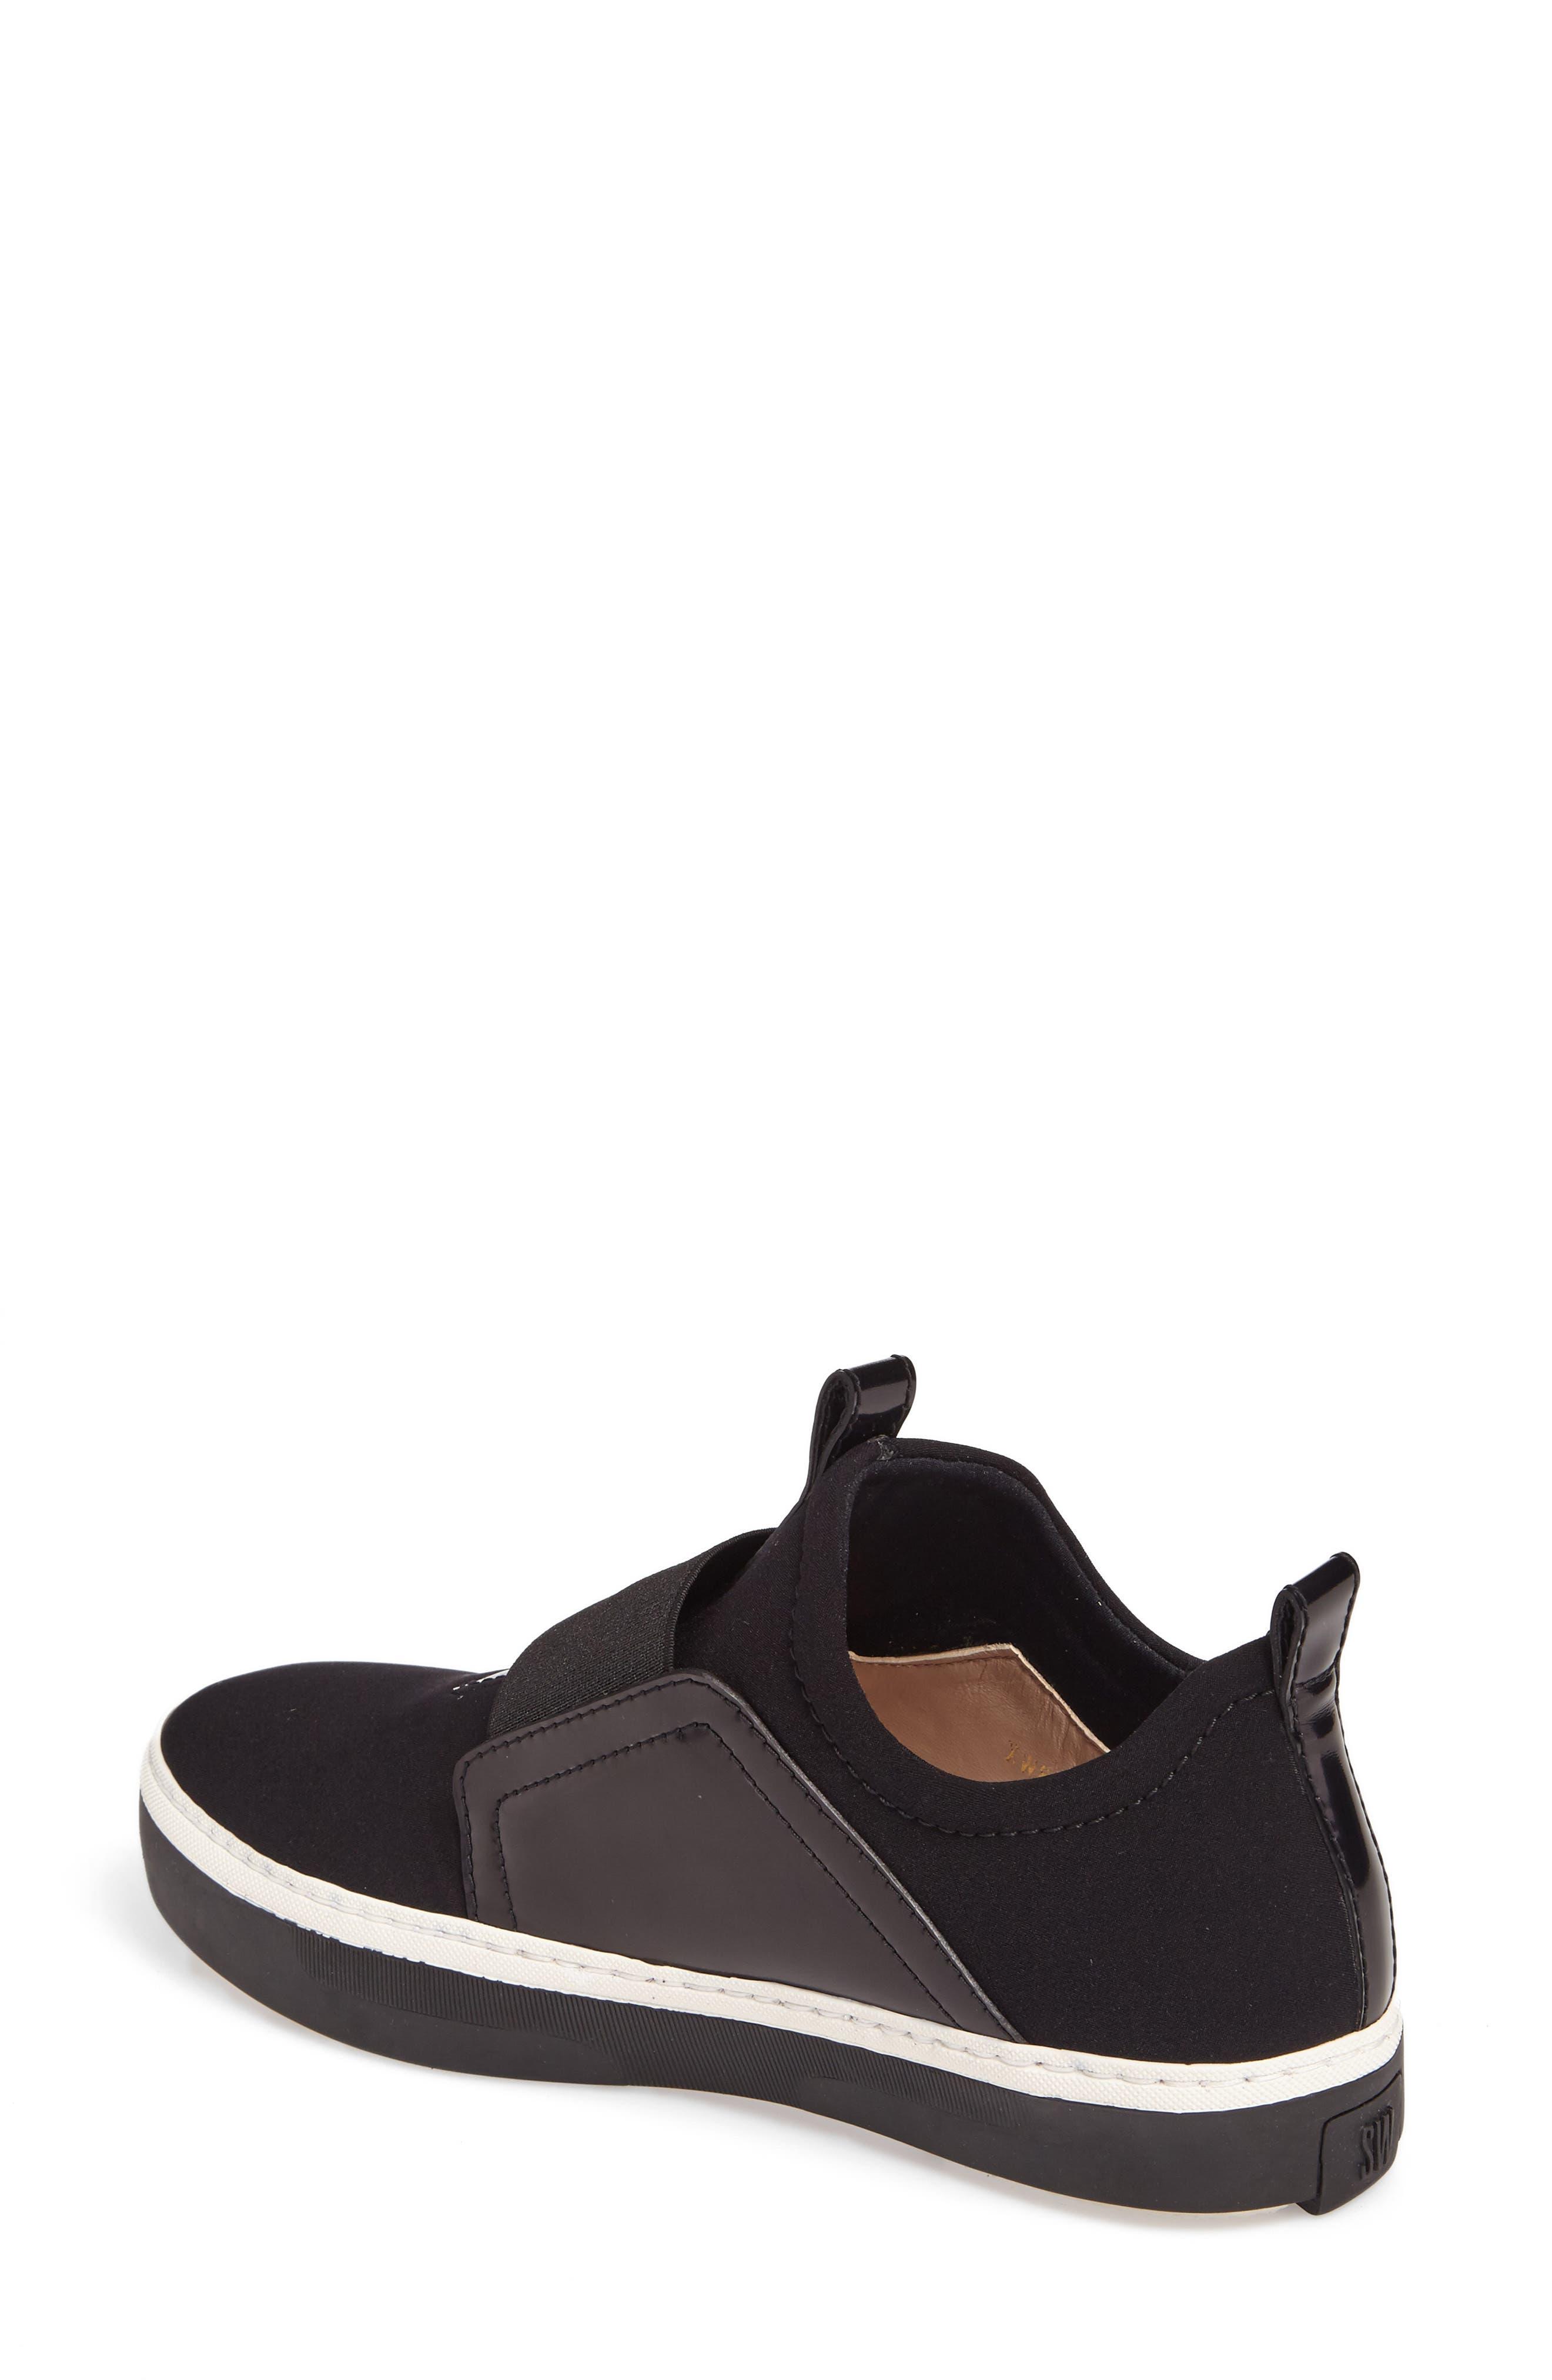 Wayfare Slip-On Sneaker,                             Alternate thumbnail 2, color,                             Black Neoprene